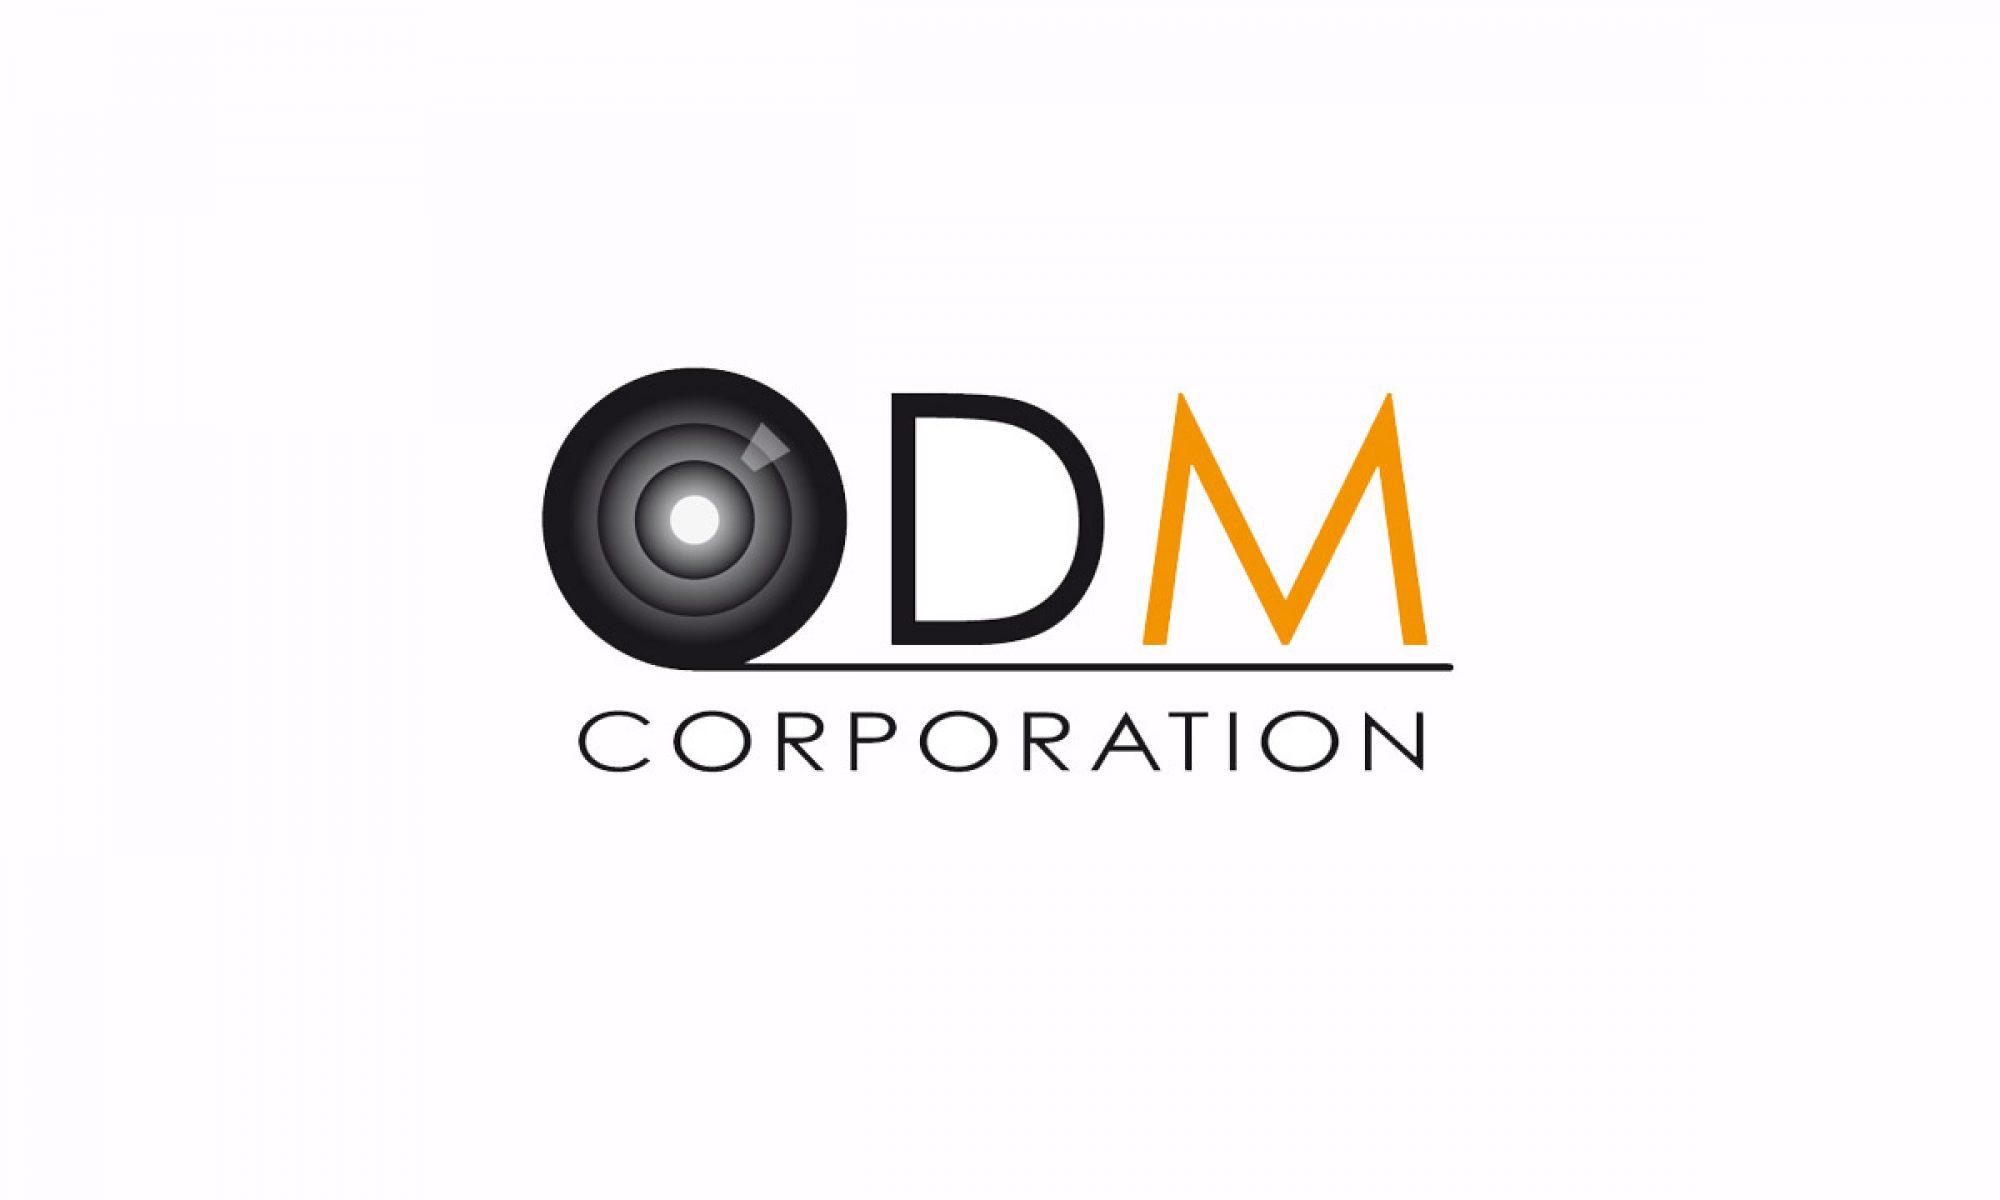 ODM Corporation